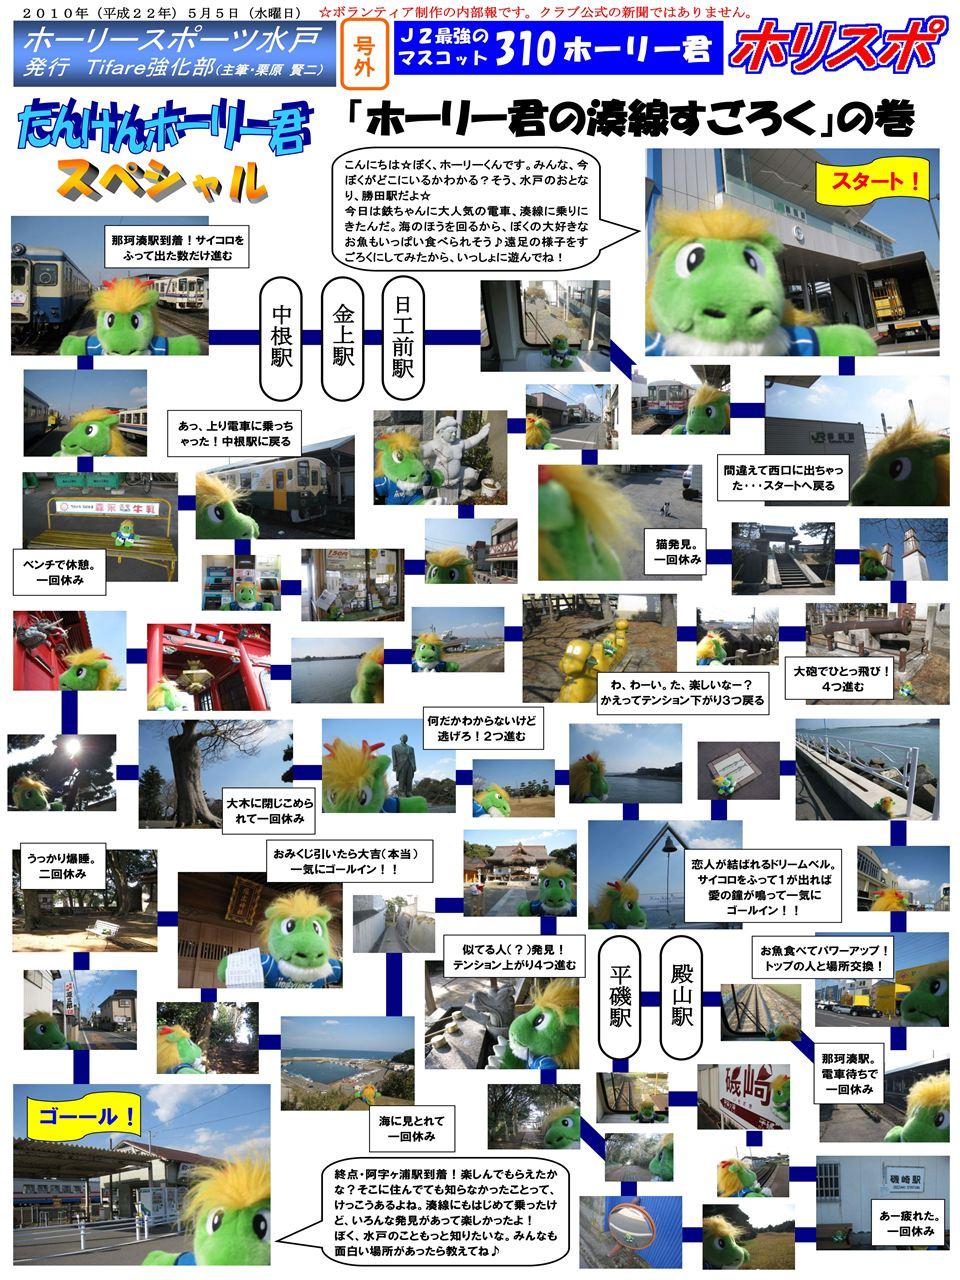 号外1(湊線すごろく)縮刷版